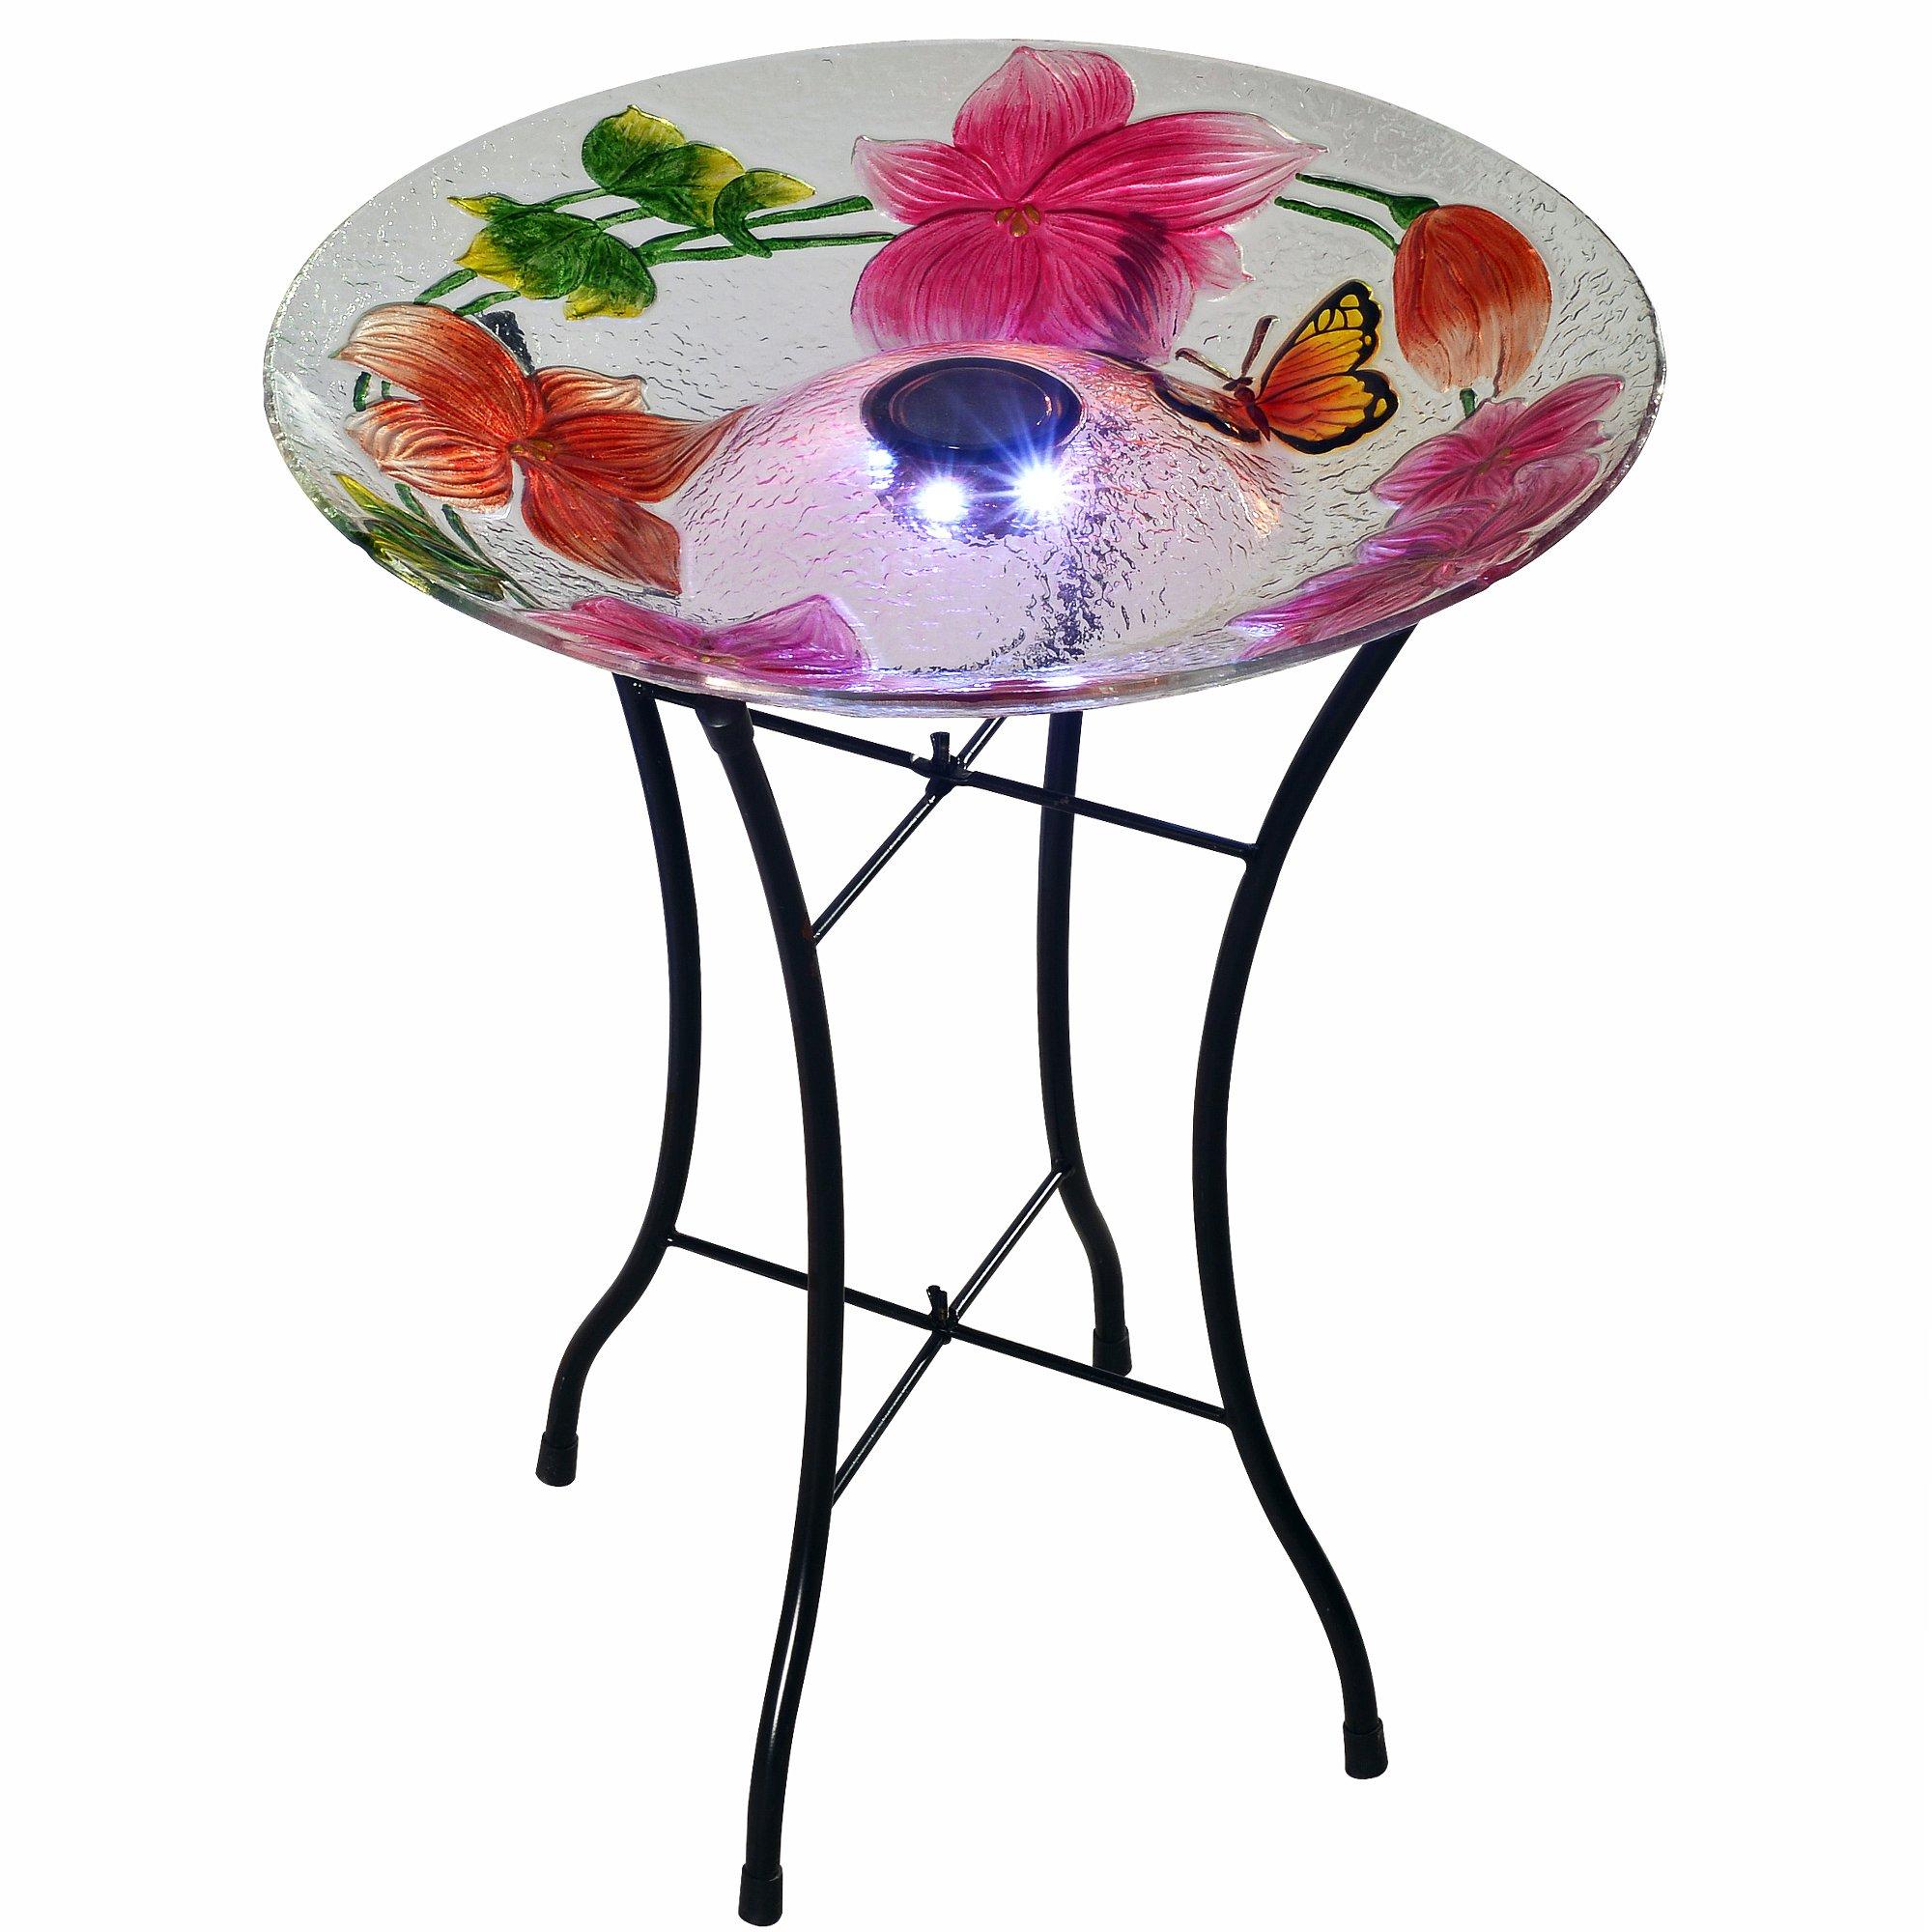 Peaktop 3216980 Outdoor Flower Fusion Glass Solar Bird Baths, 18'' White/Pink